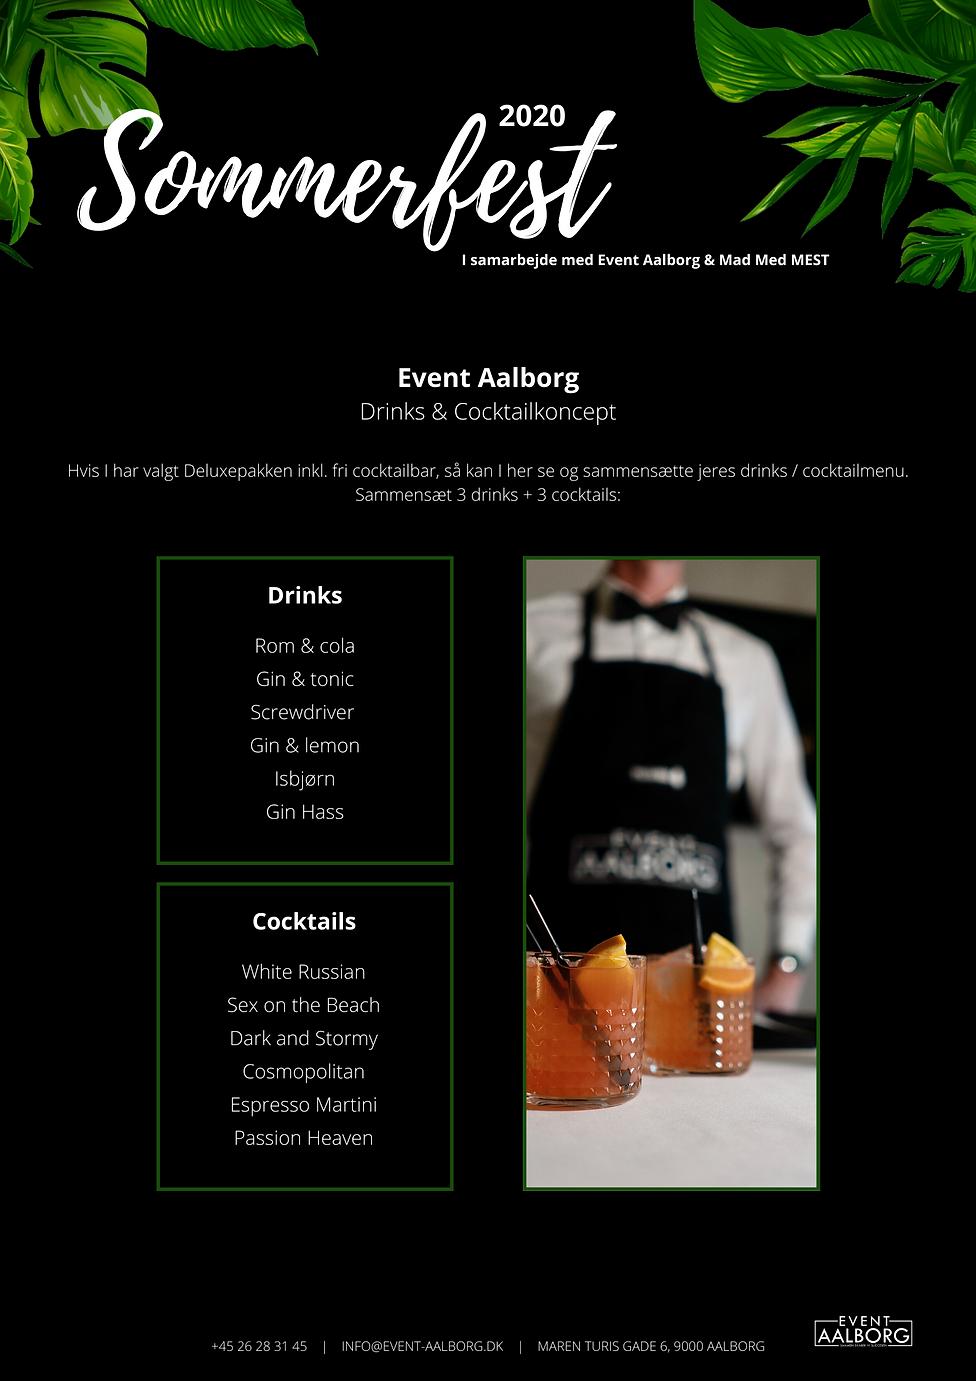 Event Aalborg - Sommerfest 2020, side 2.